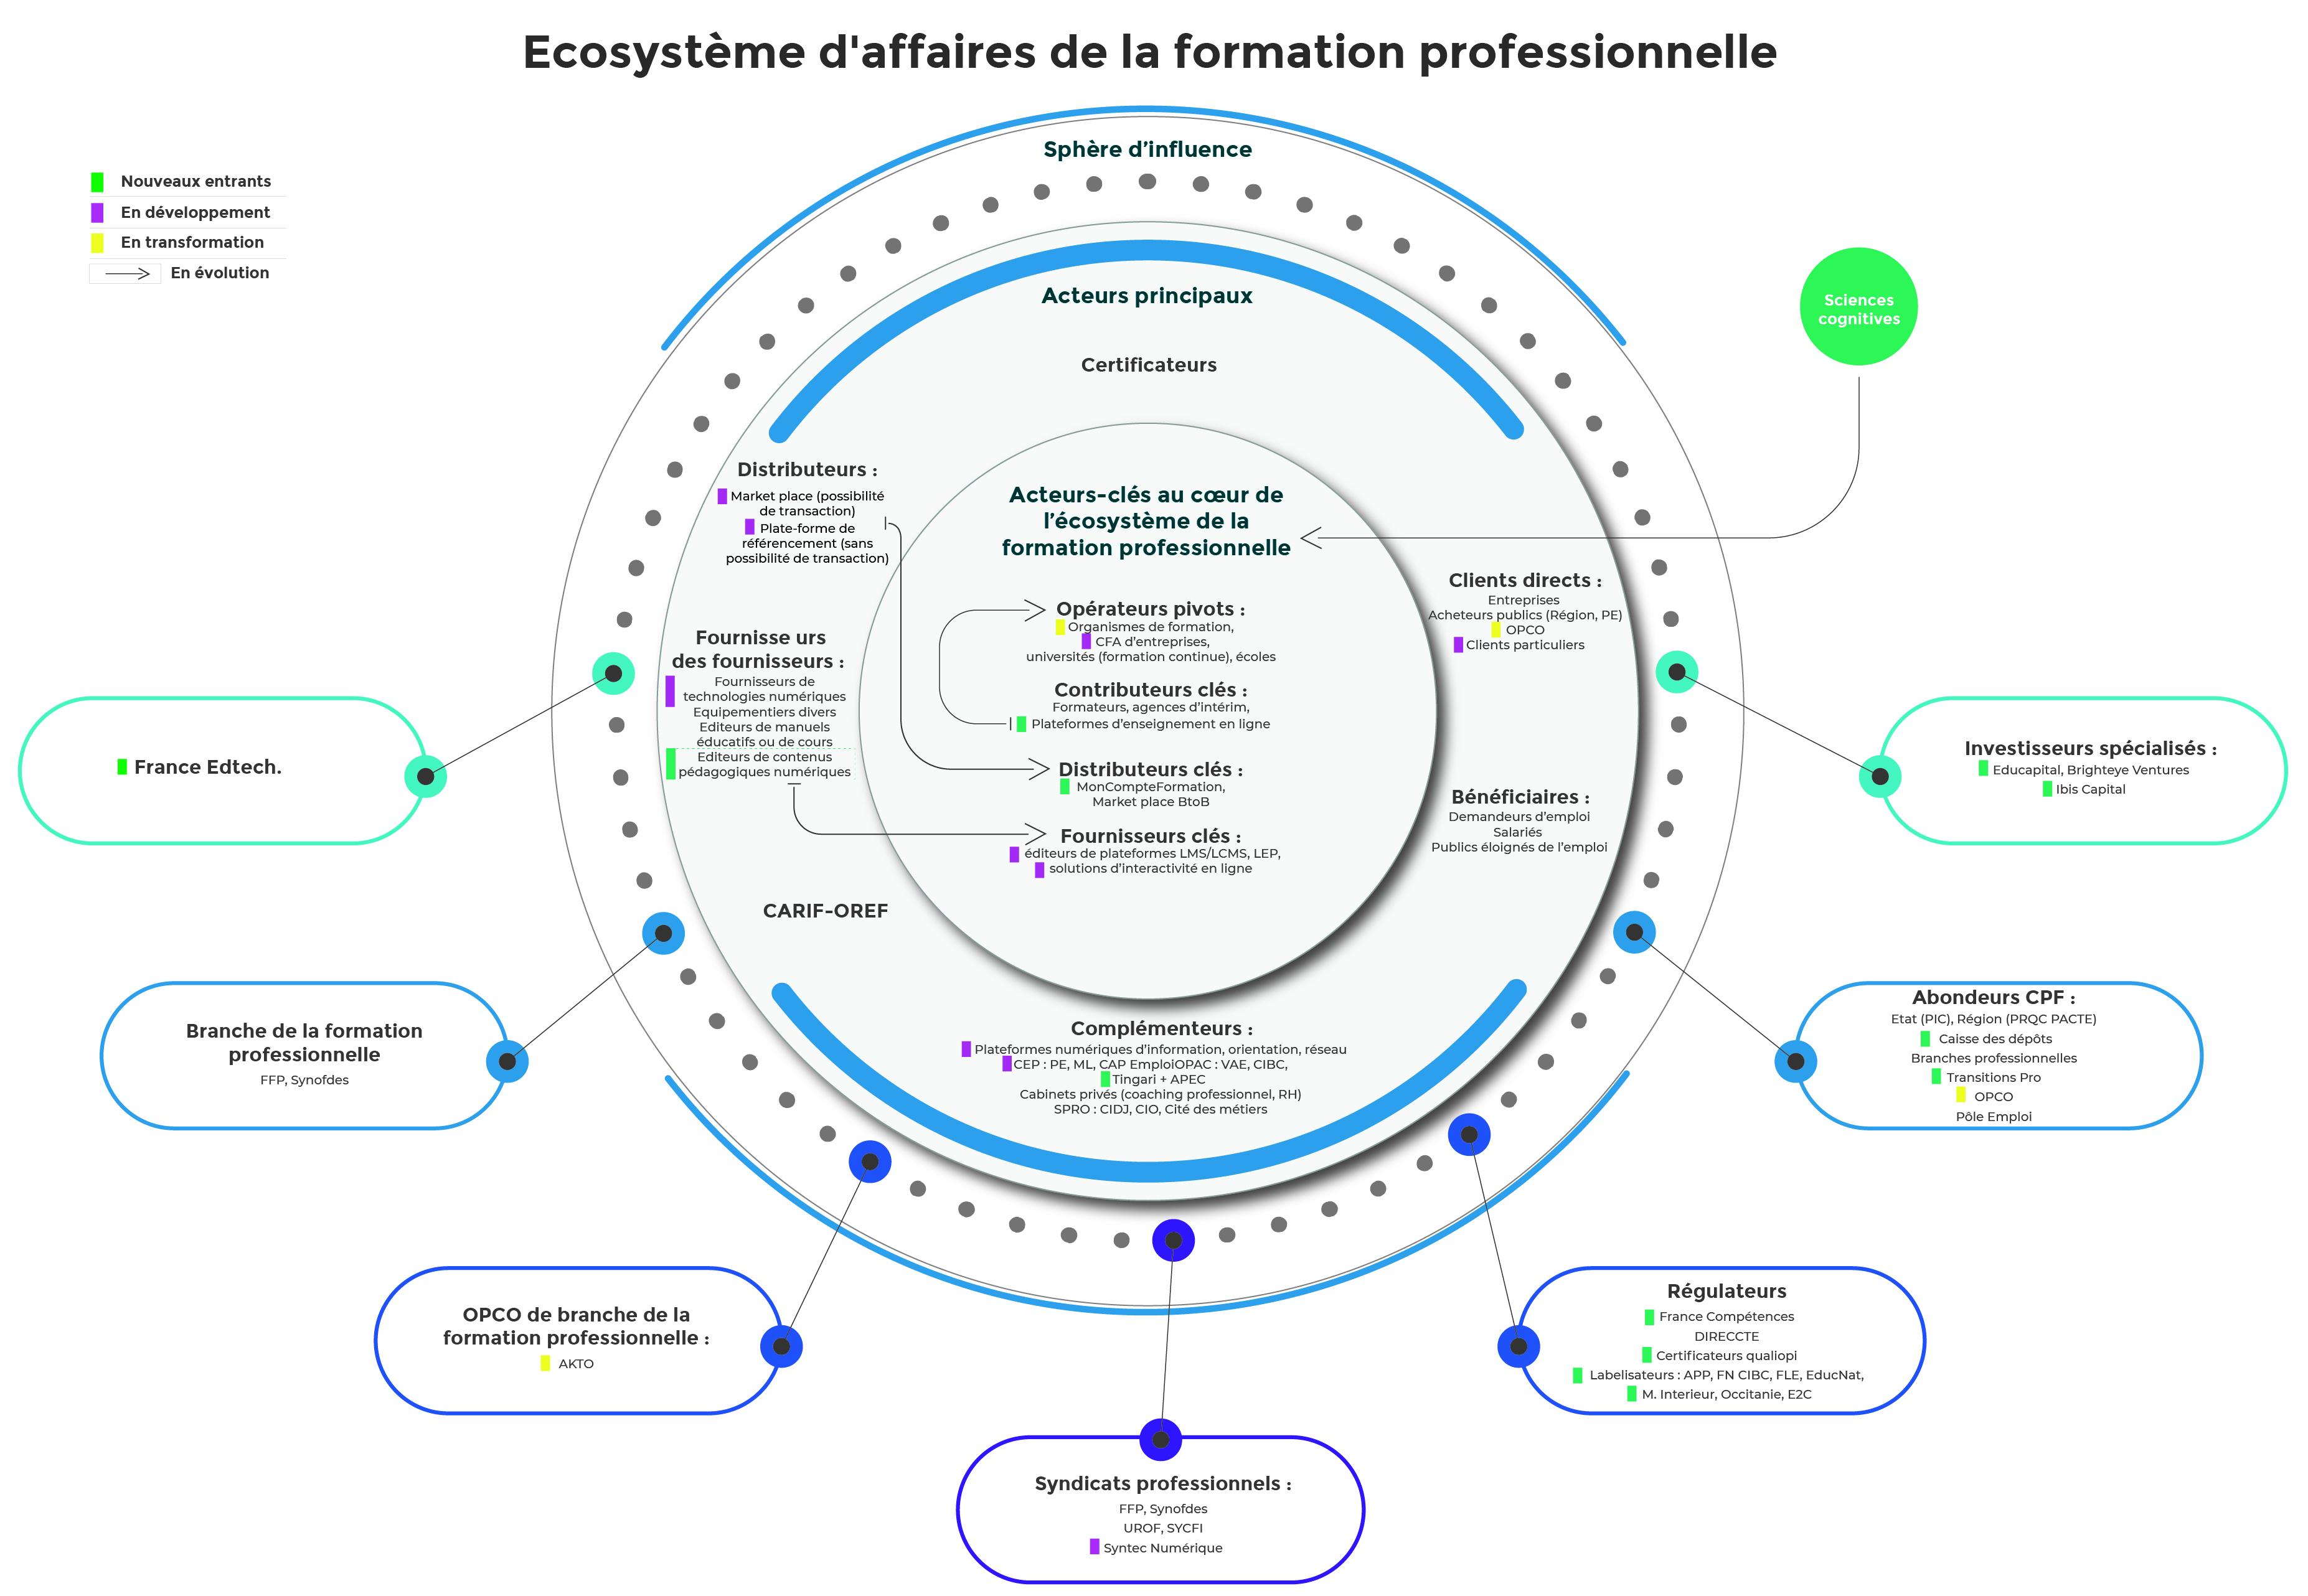 schéma de l'écosystème de la formation professionnelle